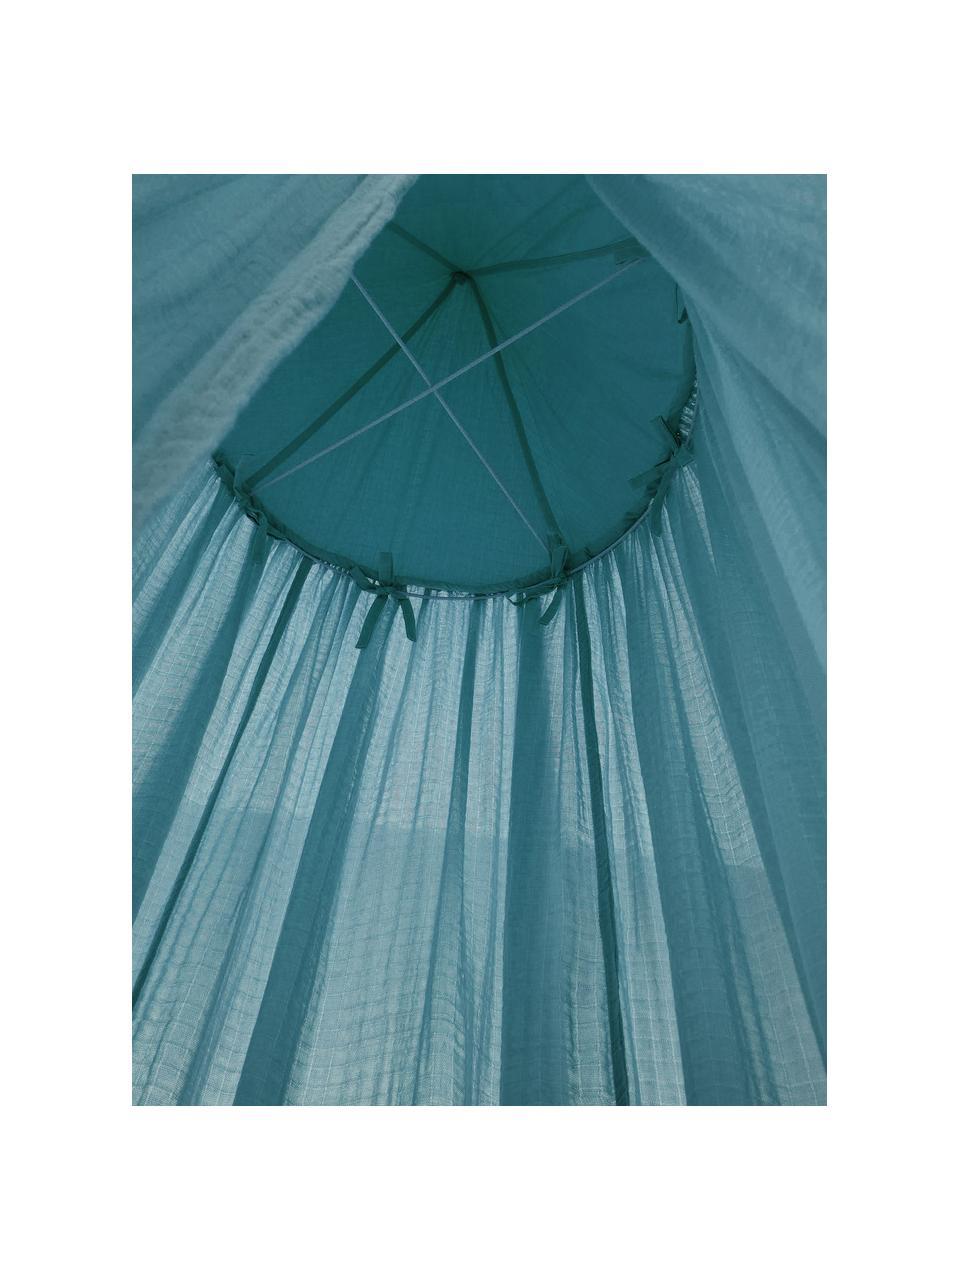 Klamboe Stars, Bekleding: katoen, Blauw, Ø 50 x H 240 cm